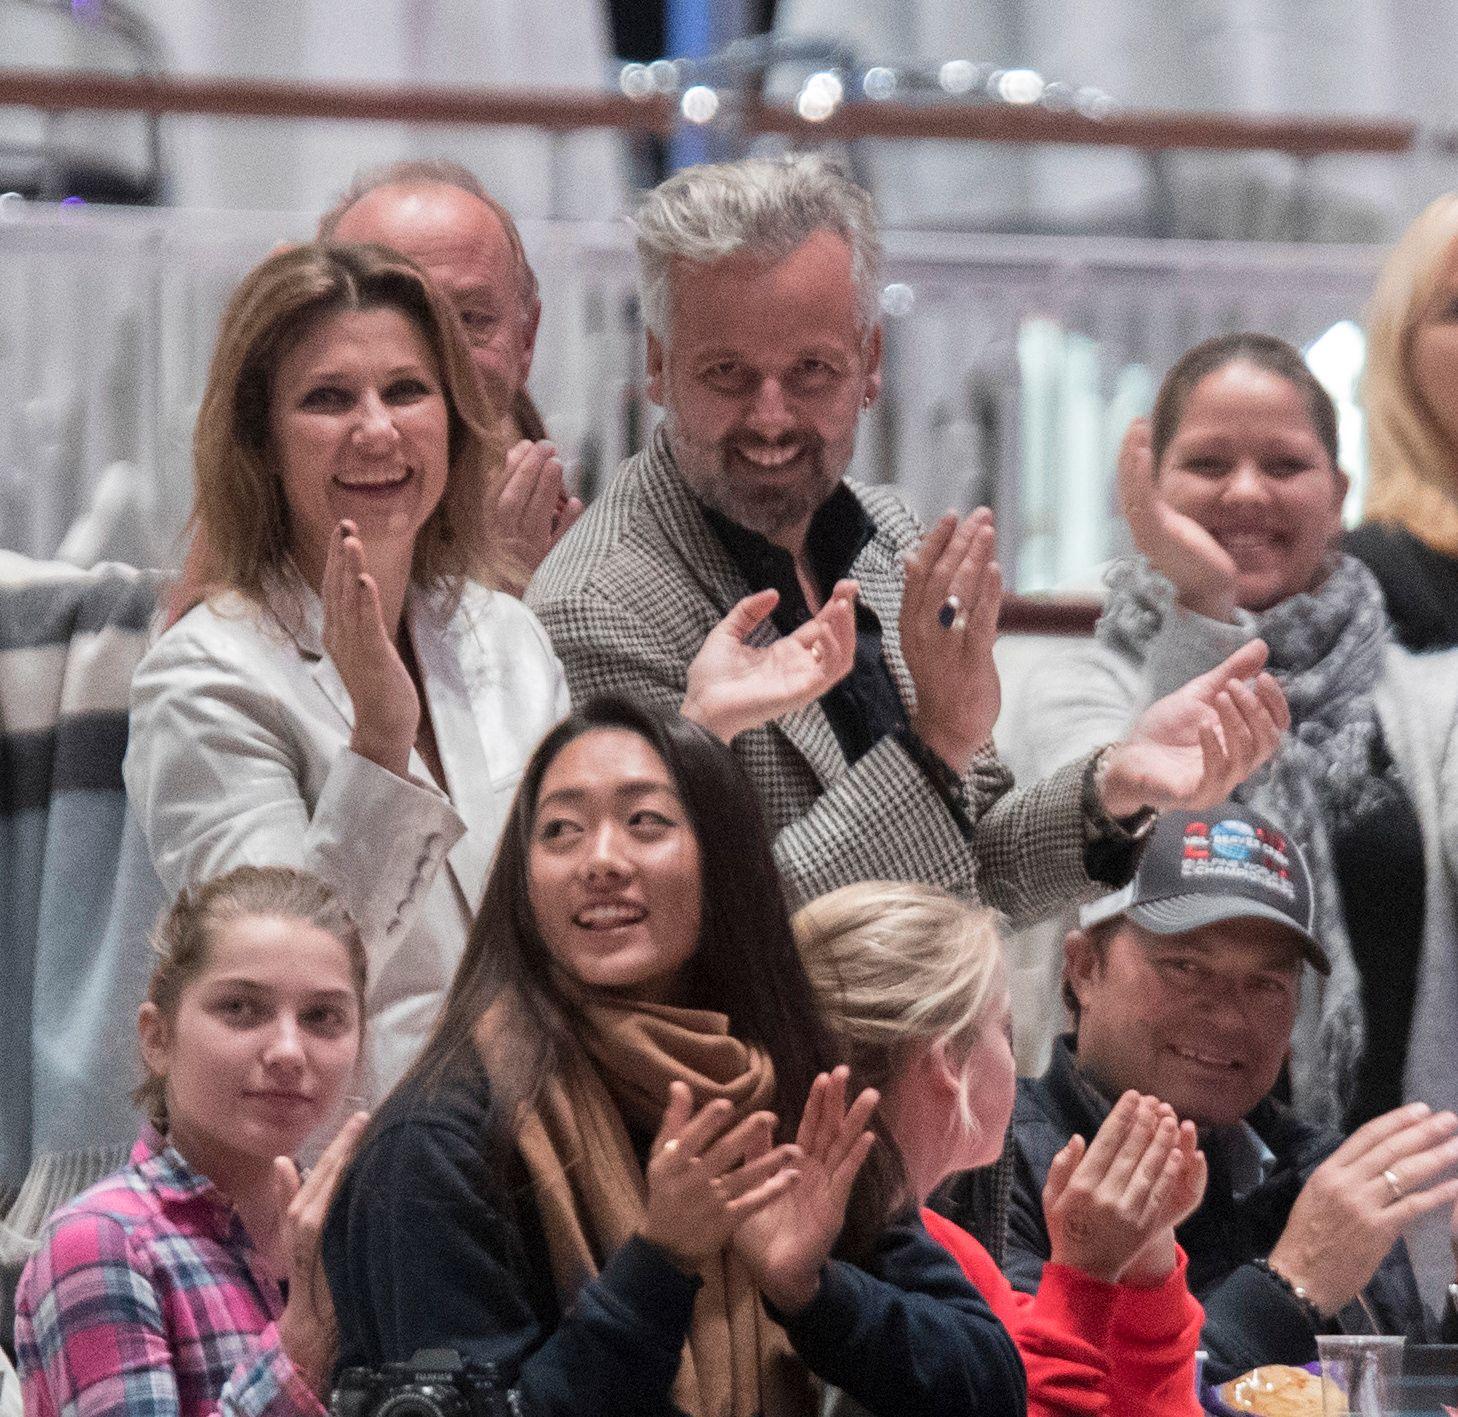 FORTSATT GODE VENNER: prinsesse Märthe Louise og Ari Behn er fortsatt gode venner. I fjor høst var de sammen på Oslo Horse Show hvor de fulgte fulgte døtrenes oppvisning. Nå blir det felles julefeiring på Kongsseteren